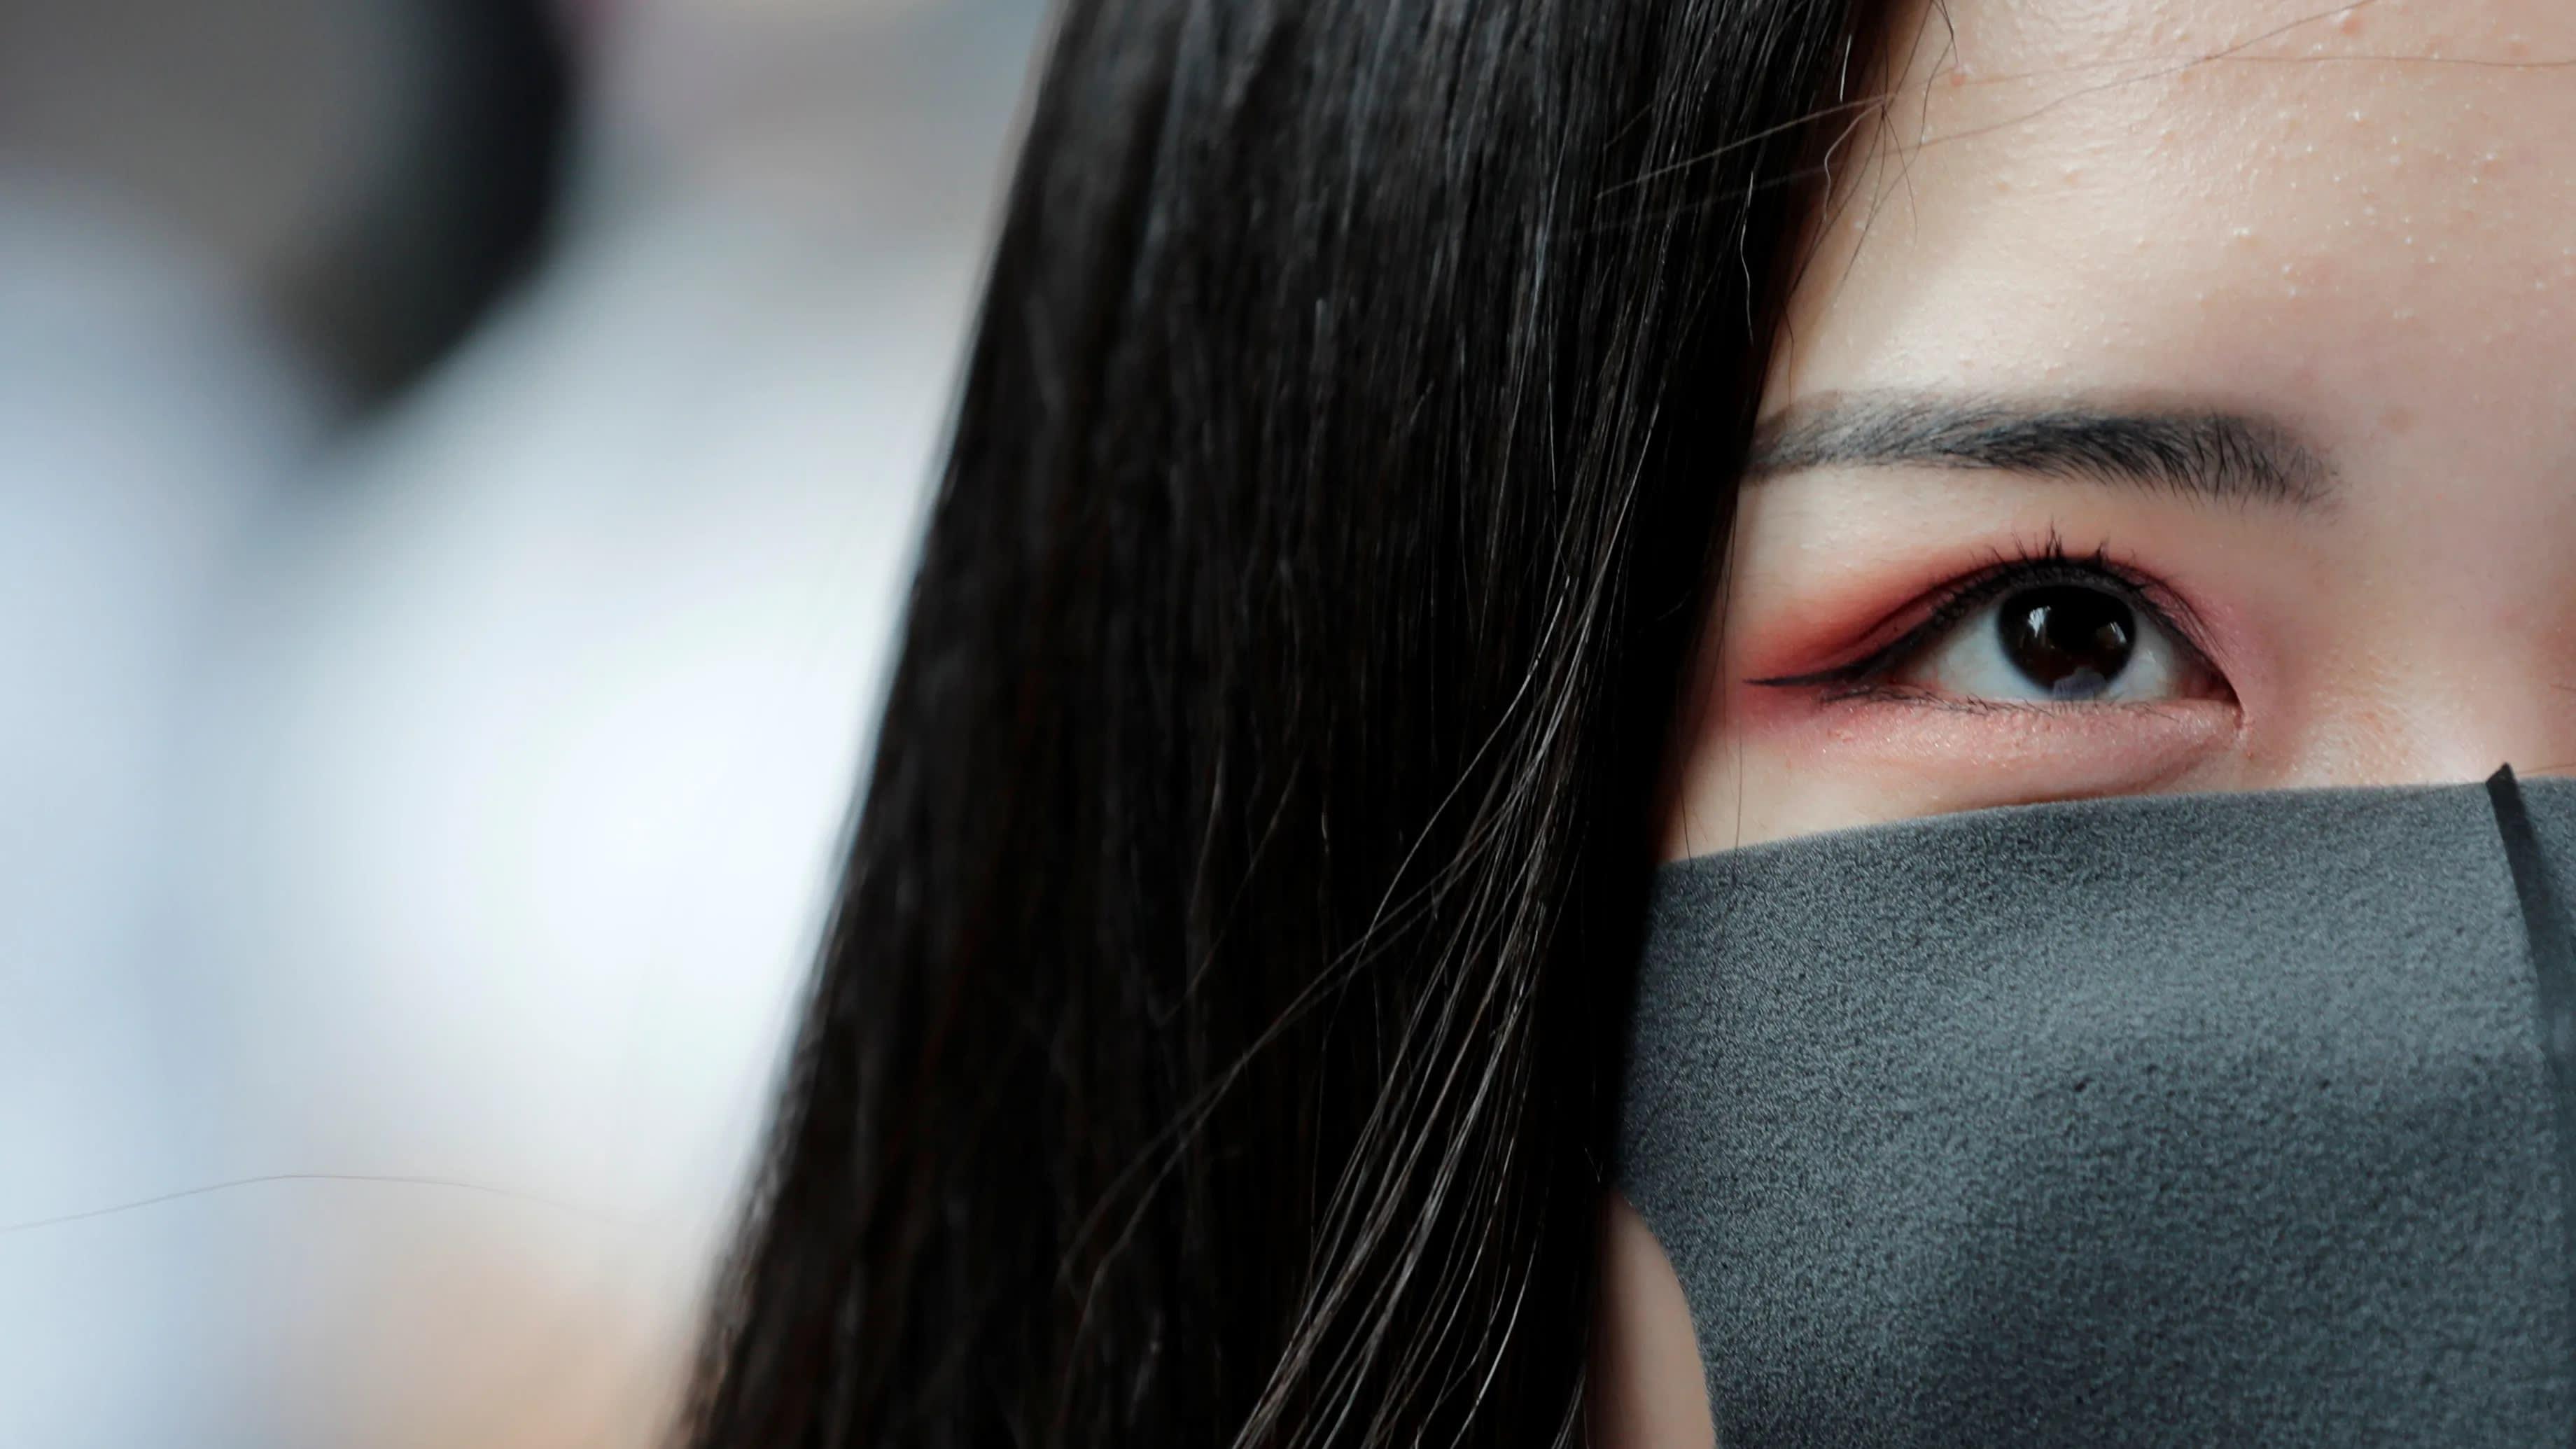 برنده رفراندوم «هنگ کنگ» بر سر اعتراضات چند ماهه؛ طرفداران چین یا معترضان دموکراسیخواه؟